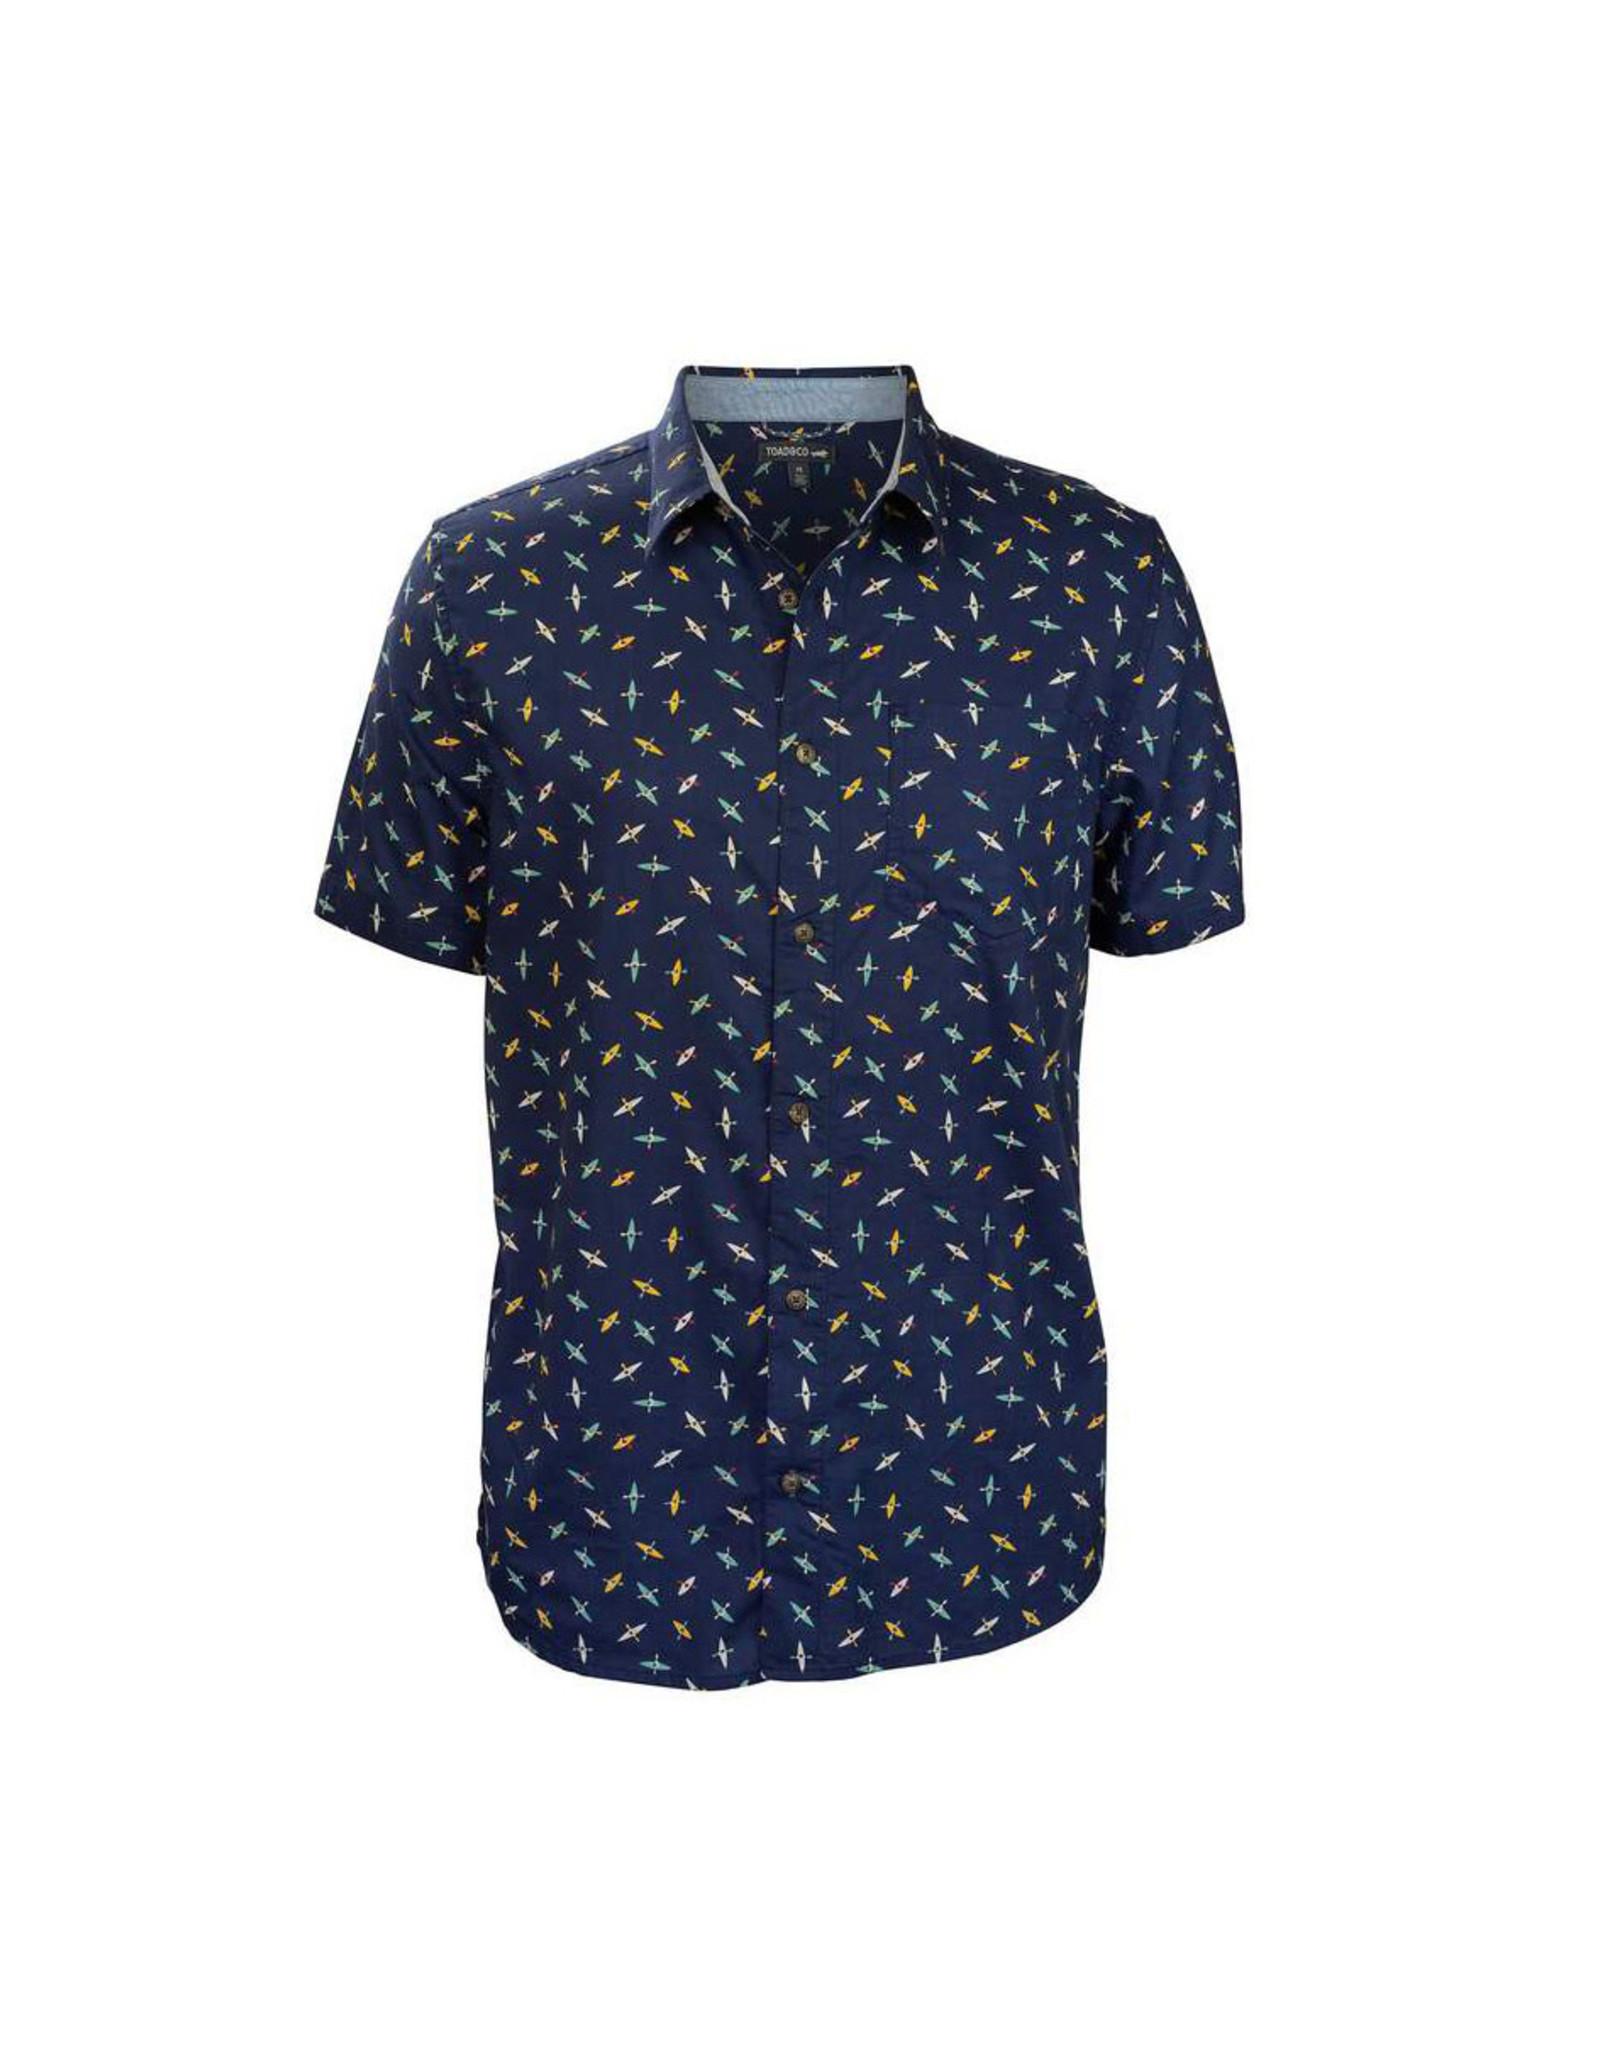 Toad & Co Fletch Shirt - Navy Kayak Print